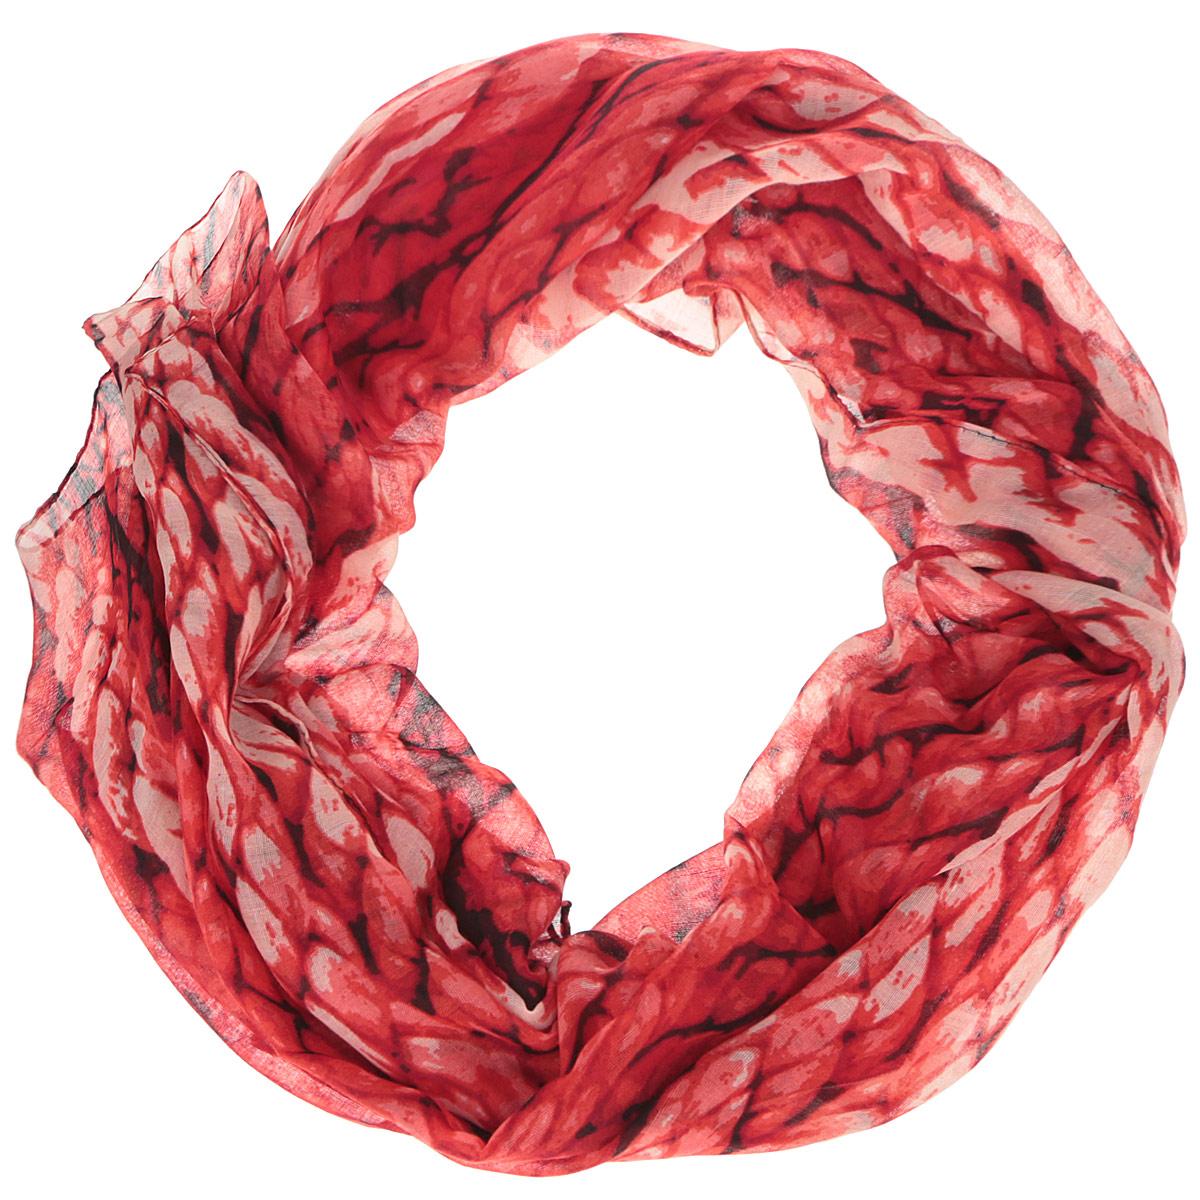 ШарфSR12677-2Модный женский шарф Fabretti подарит вам уют и станет стильным аксессуаром, который призван подчеркнуть вашу индивидуальность и женственность. Тонкий шарф выполнен из высококачественной 100% вискозы, он невероятно мягкий и приятный на ощупь. Шарф украшен принтом с изображением крупных плетеных жгутов. Этот модный аксессуар гармонично дополнит образ современной женщины, следящей за своим имиджем и стремящейся всегда оставаться стильной и элегантной. Такой шарф украсит любой наряд и согреет вас в непогоду, с ним вы всегда будете выглядеть изысканно и оригинально.